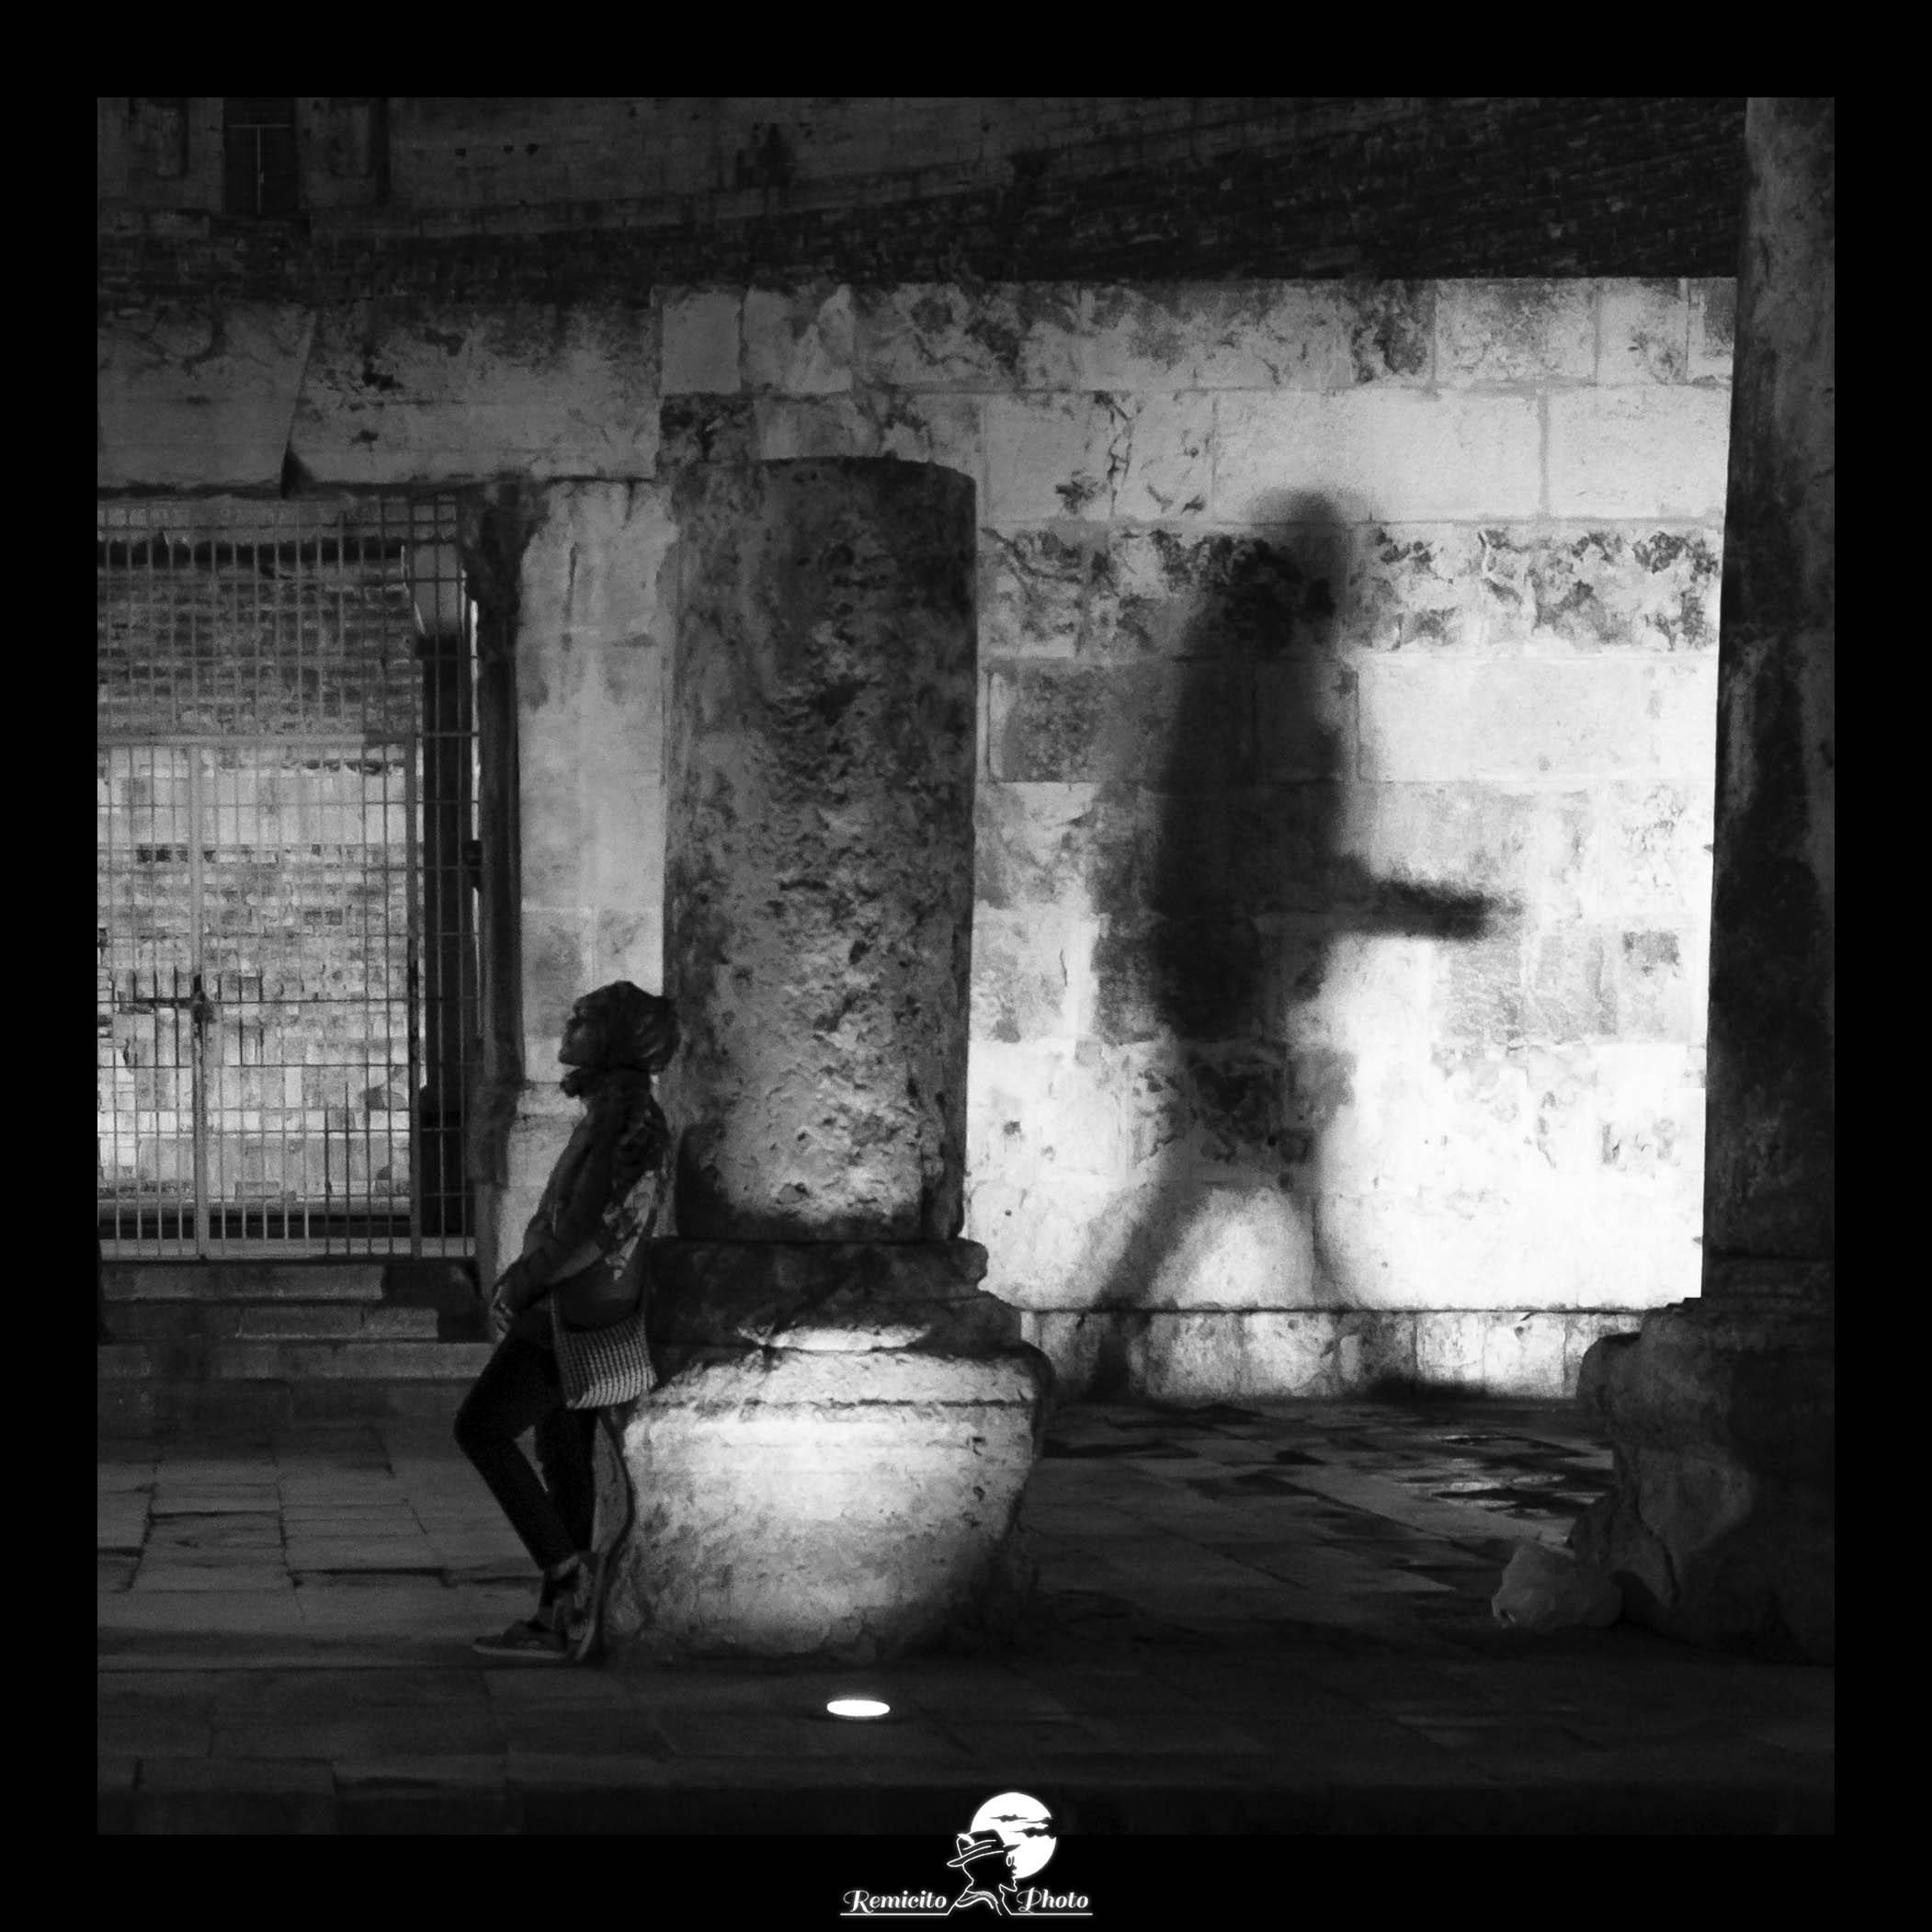 remicito, photoclub paris val-de-bièvres, remicito rémi lacombe, remicito noir et blanc photo voyage jordanie, belle photo ombre noir et blanc, idée cadeau photo ombre noir et blanc remicito